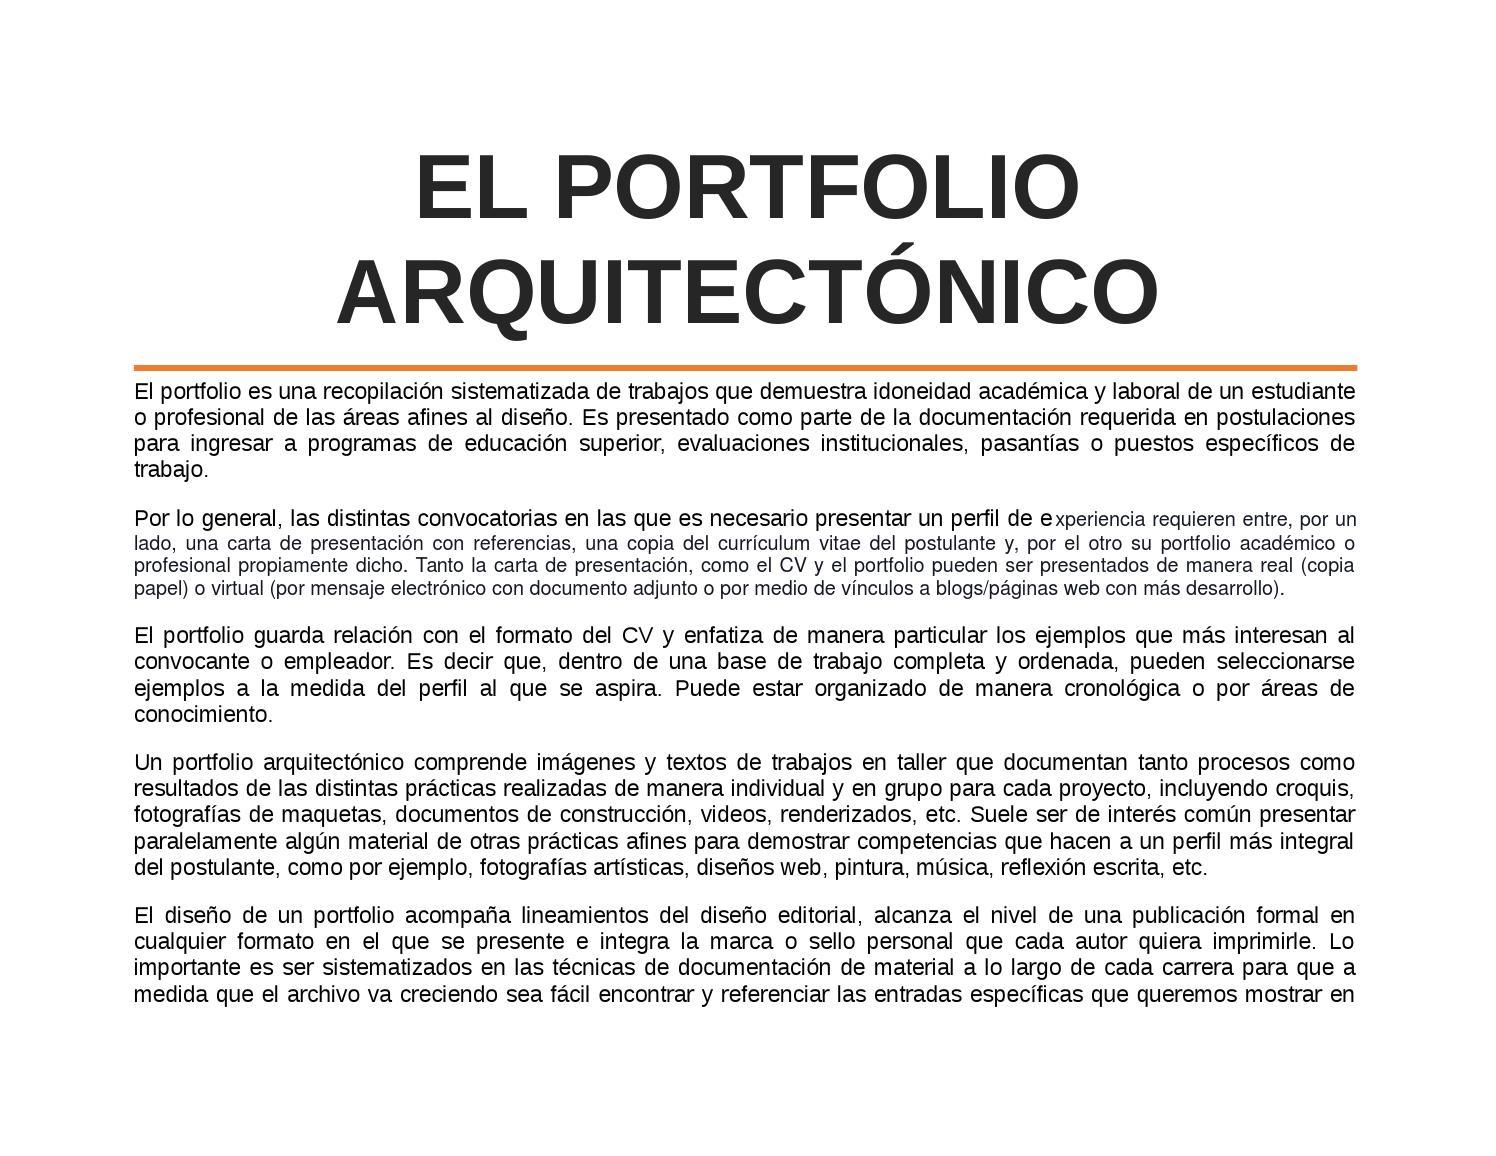 El portfolio arquitectónico by Emilia - issuu